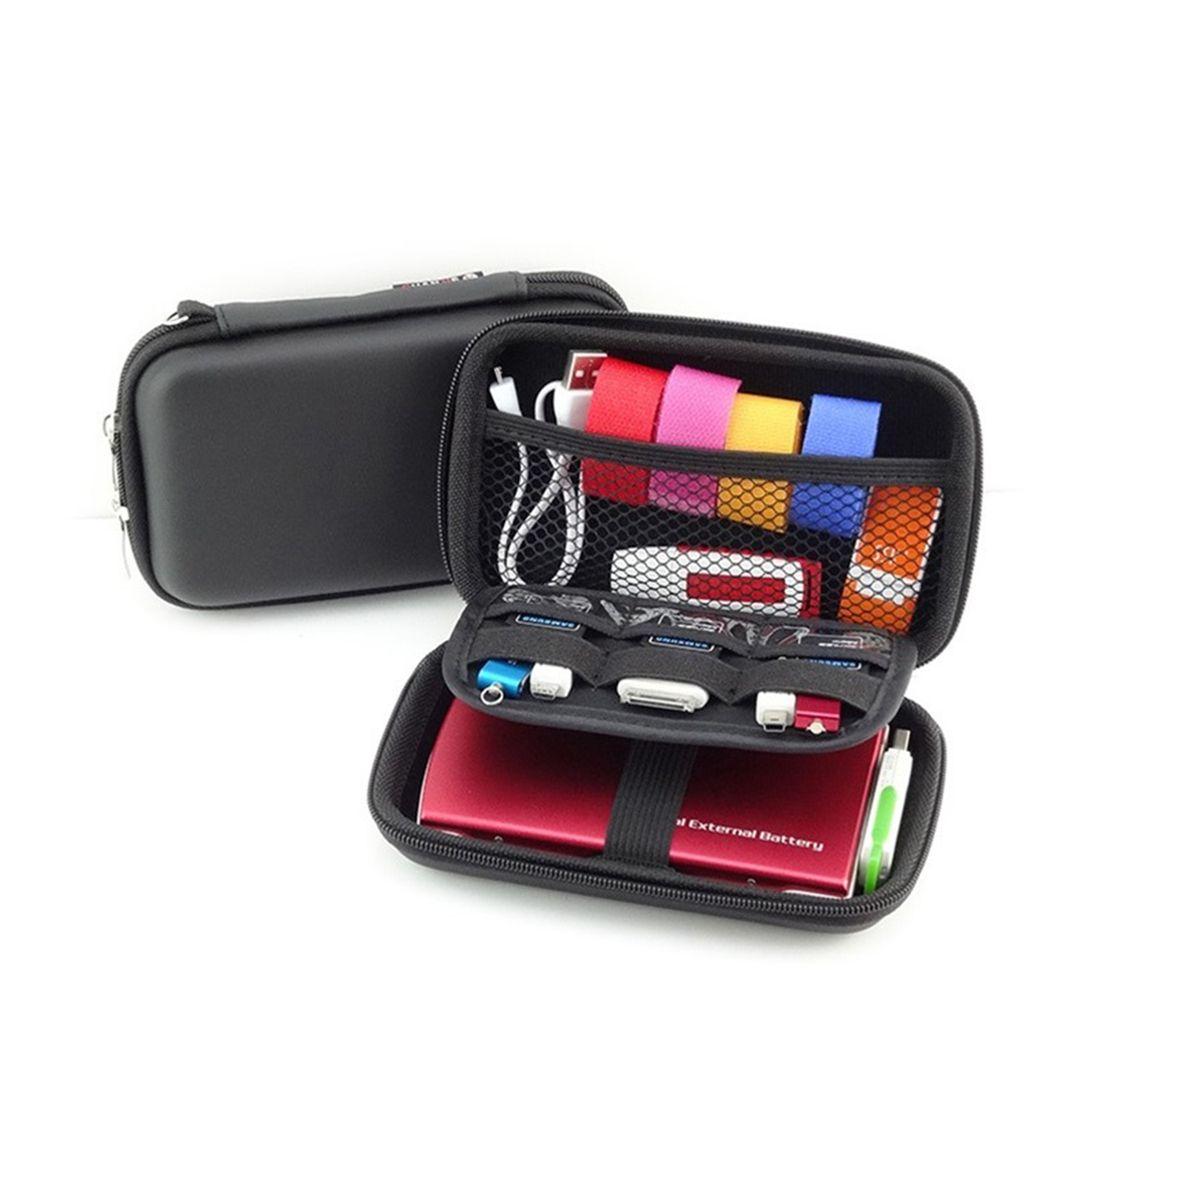 Органайзер для проводов и аксессуаров Homsu, цвет: черный, 20 x 15 x 10 смHOM-605Благодаря множеству различных кармашков и креплений, а также надёжным застёжкам на молниях, все необходимые вещи будут в полном порядке, защищёнными от любых внешних факторов, в том числе и от дождя. Данный компактный кейс можно легко разместить в сумке или рюкзаке, а также использовать в качестве ко сметички или набора по уходу. Фактический цвет может отличаться от заявленного.